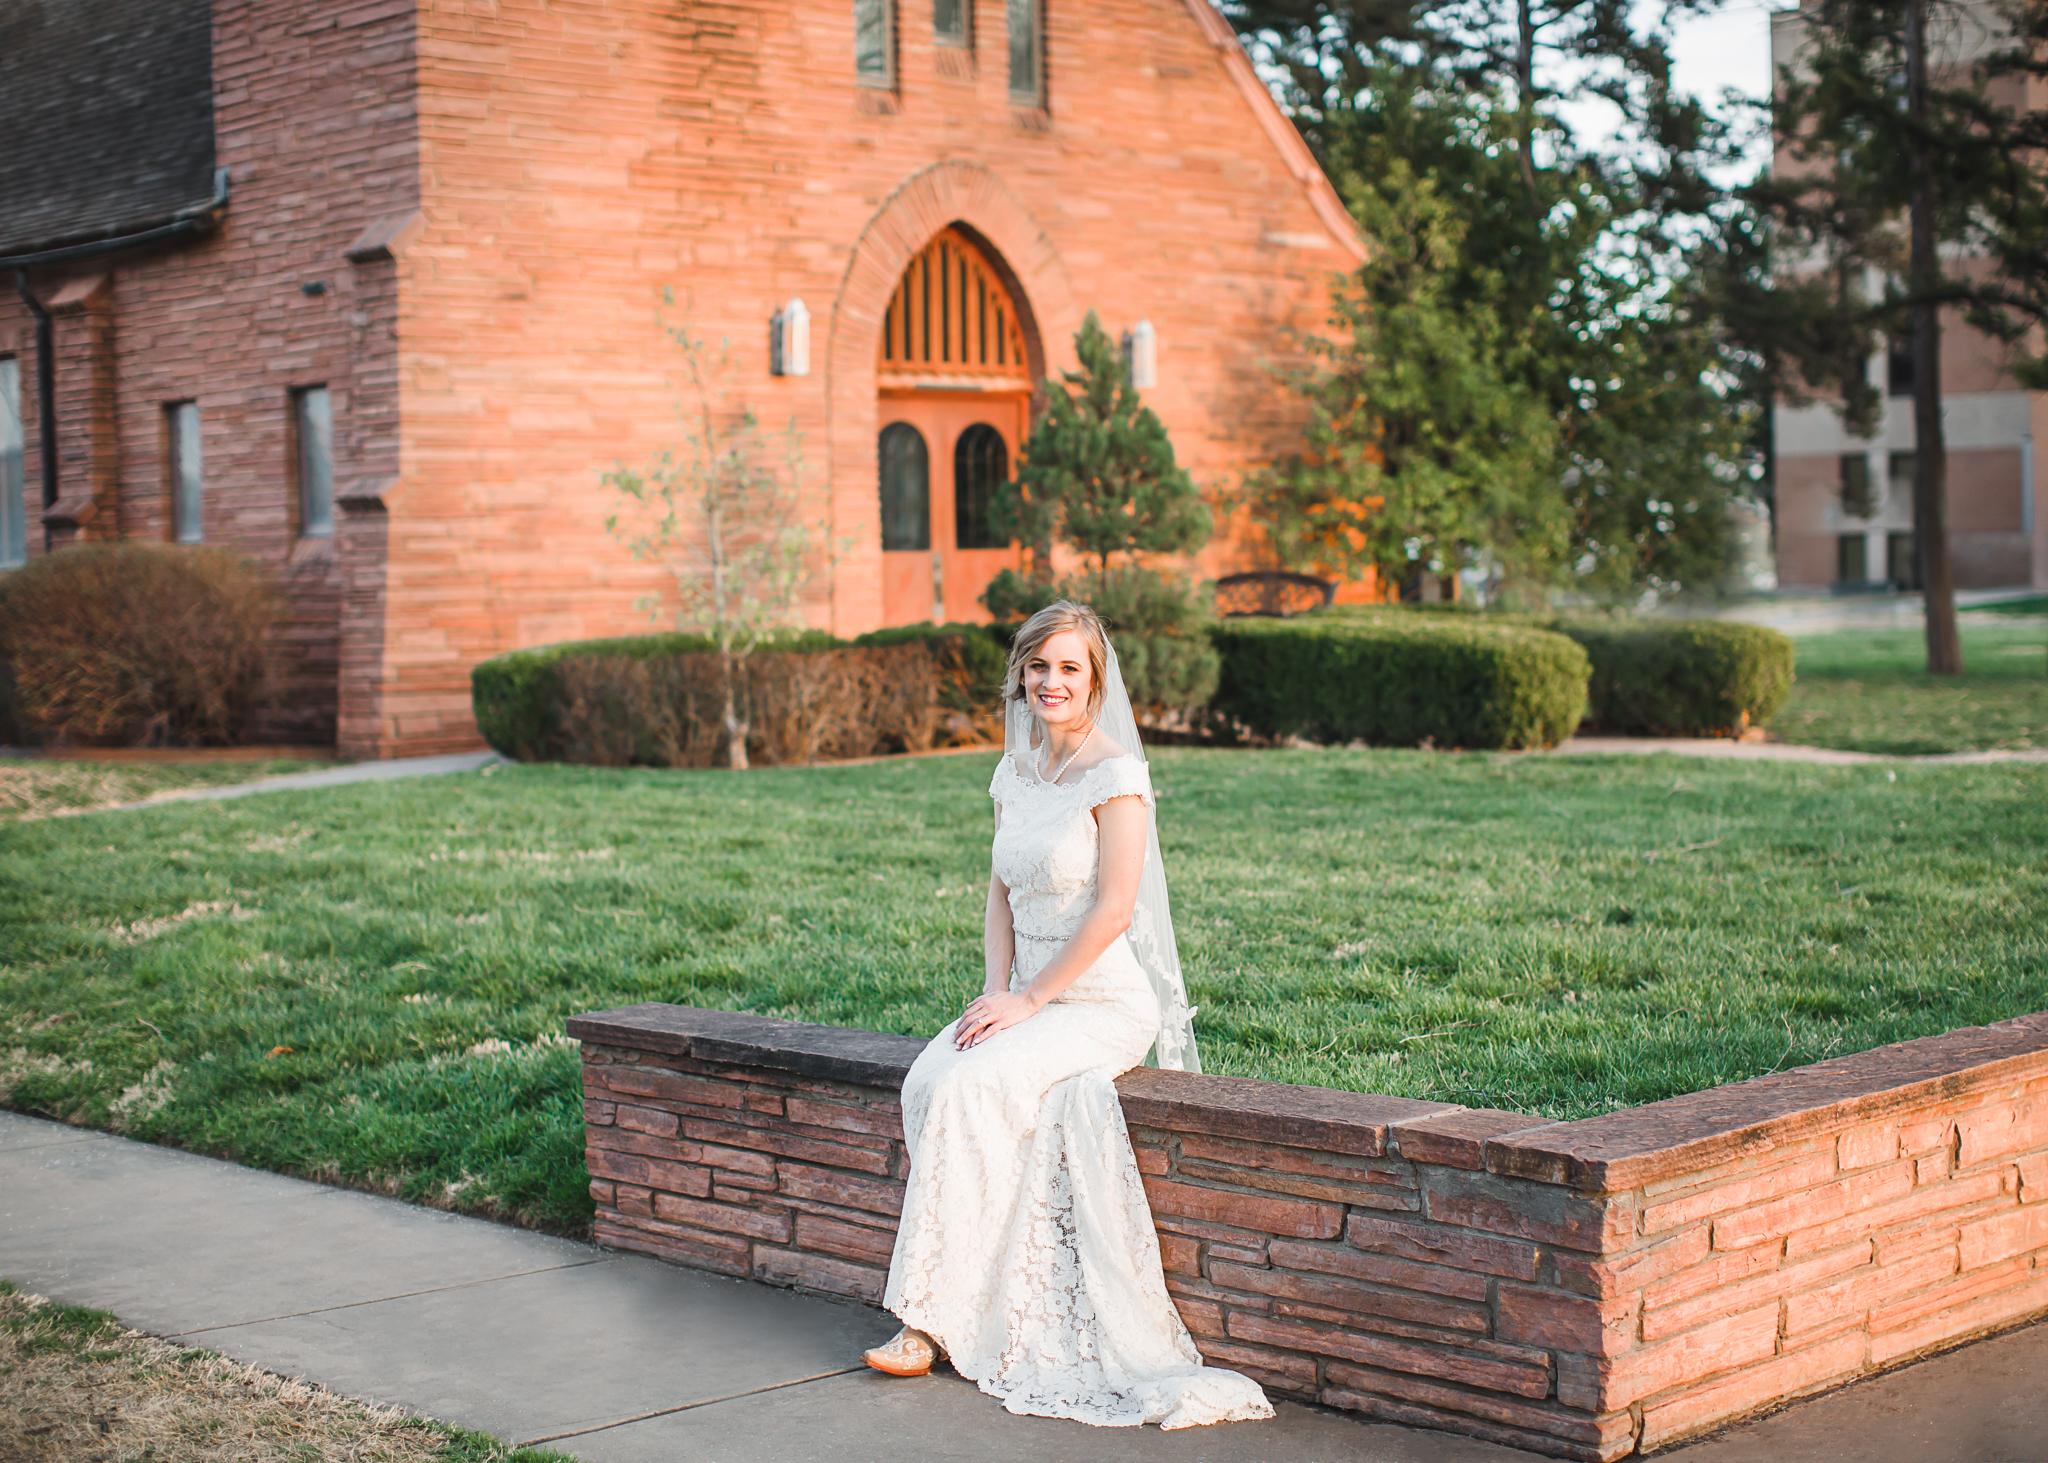 alyssa bridal blog-16.jpg